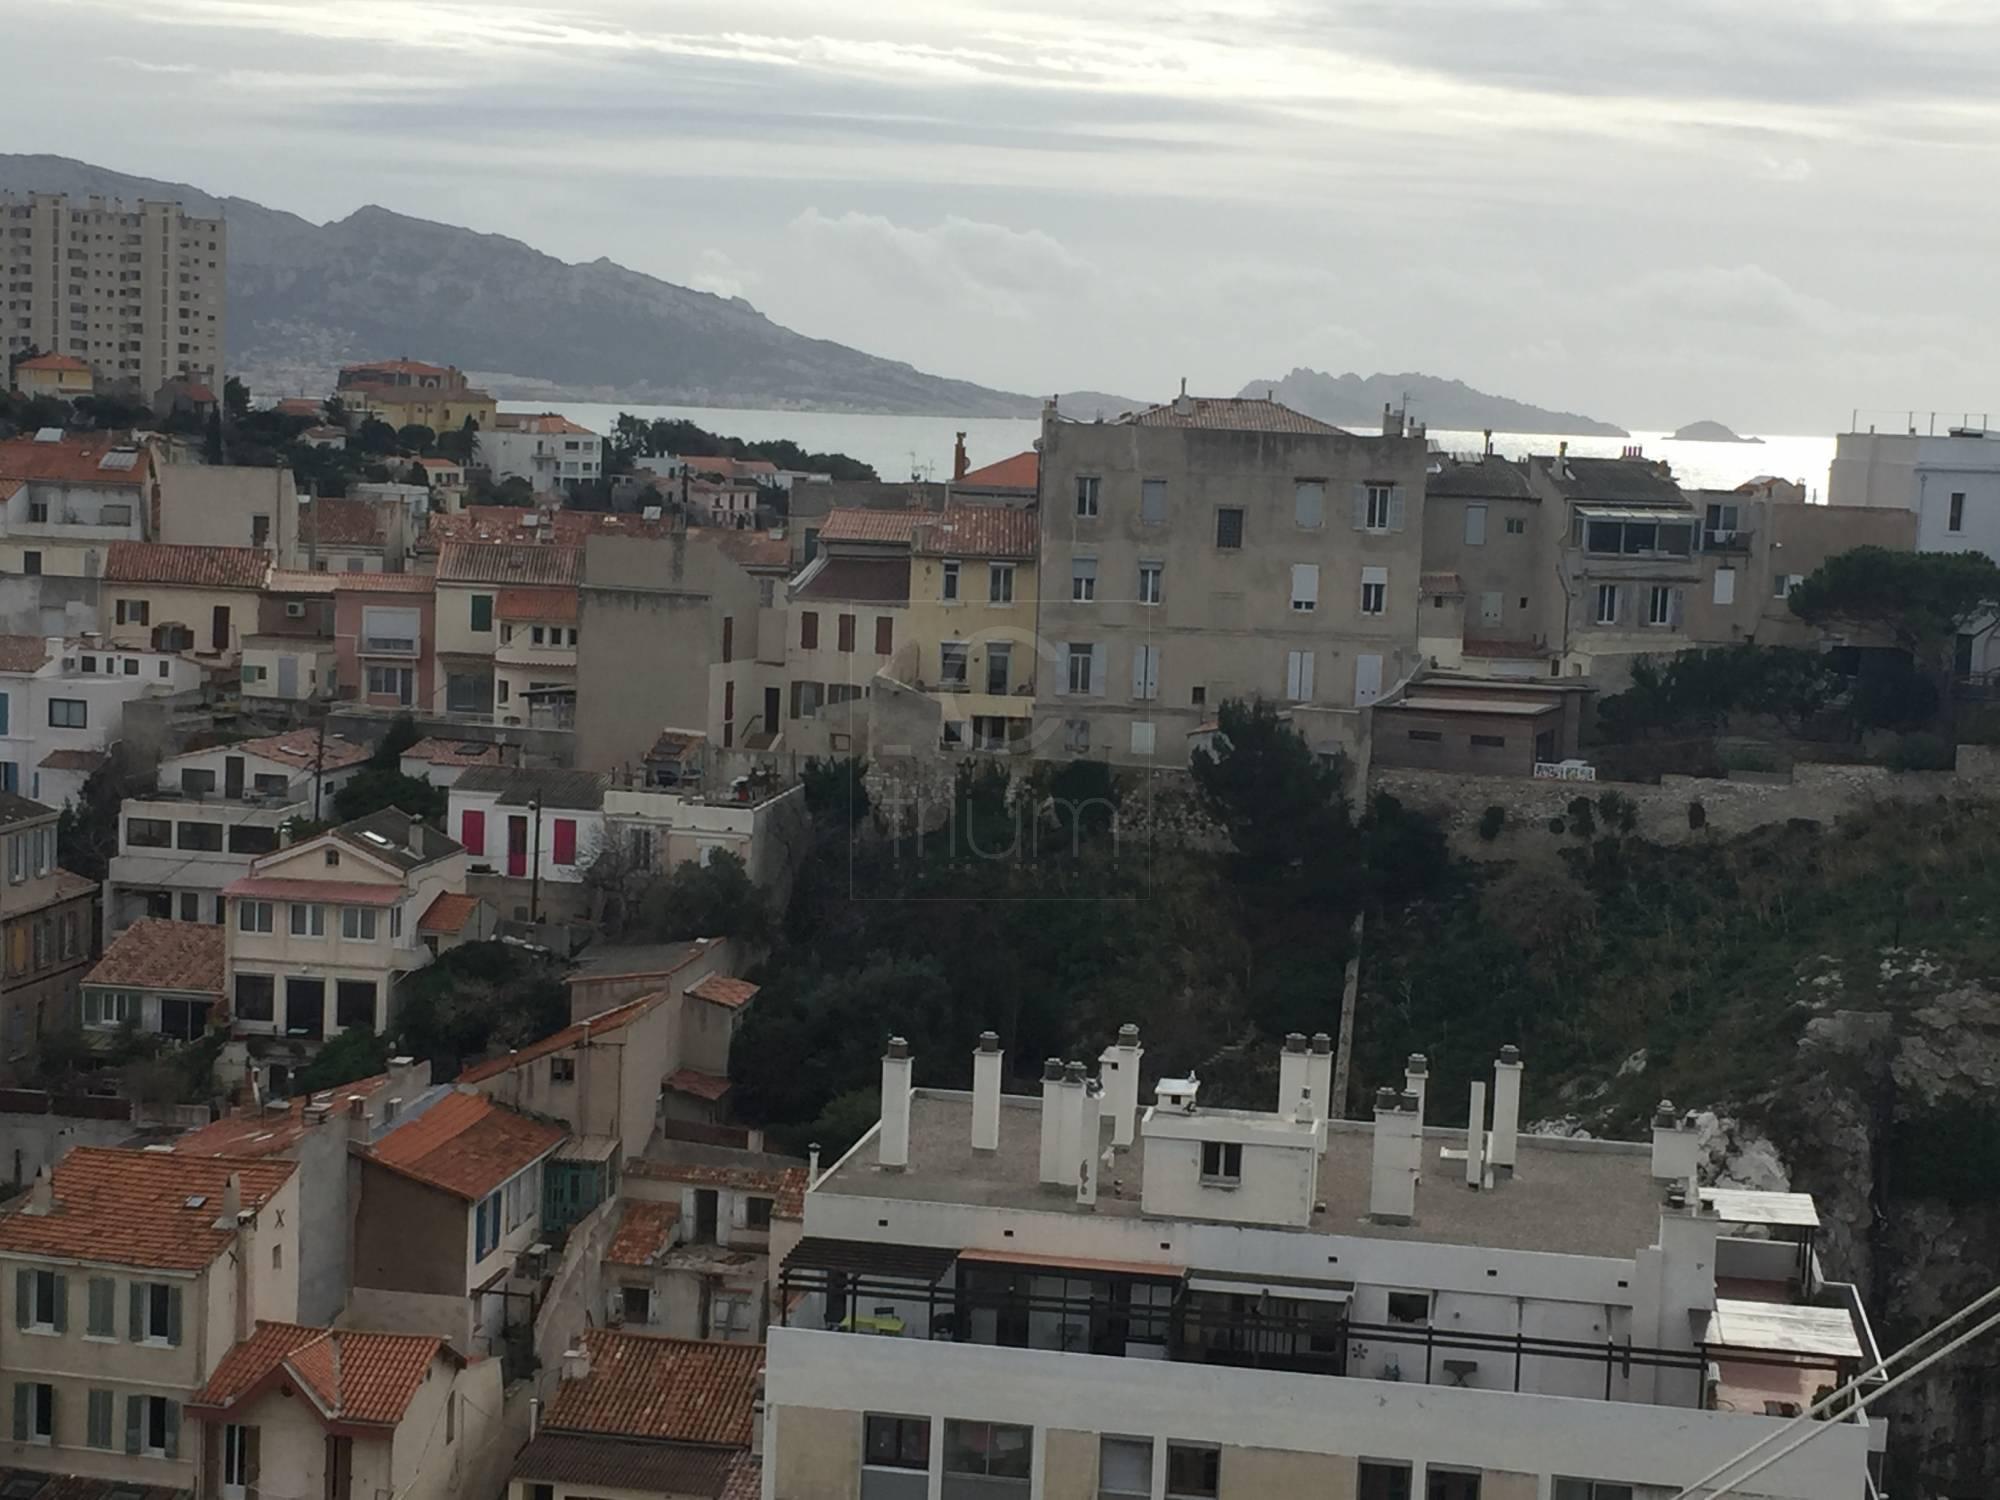 Vente appartement t4 f4 marseille 7eme vallon des auffes for Vente appartement toit terrasse marseille